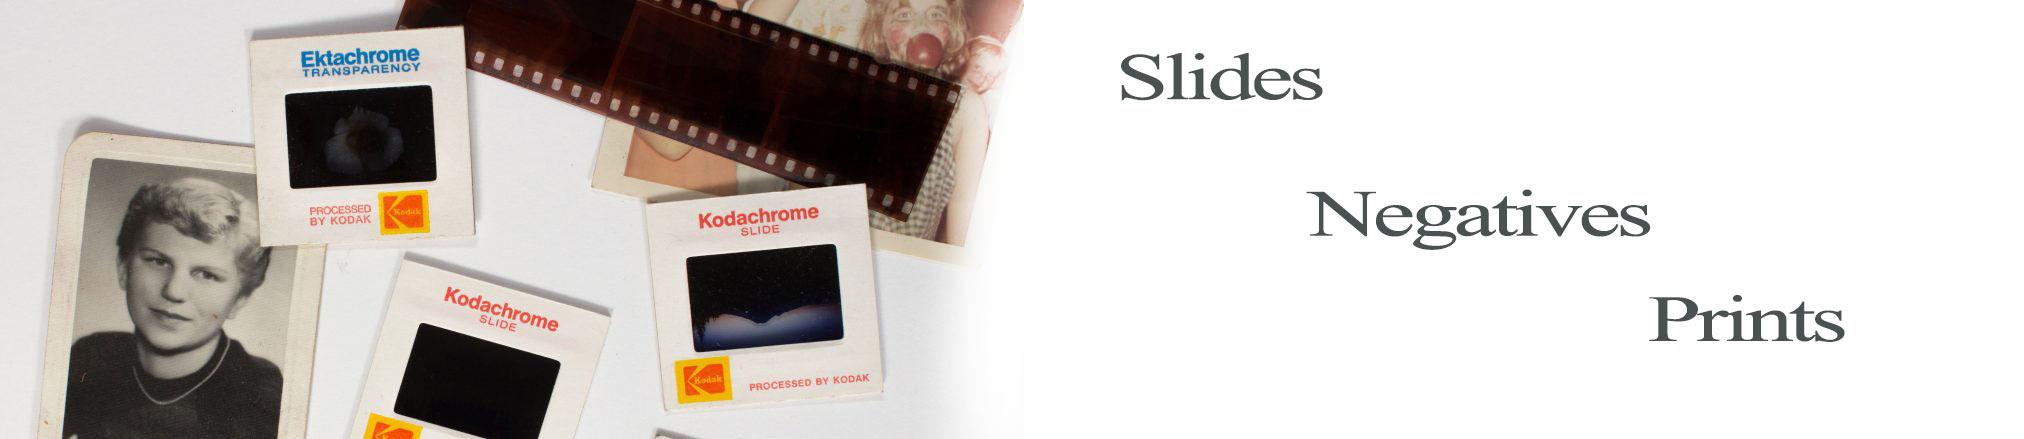 slides negatives and prints